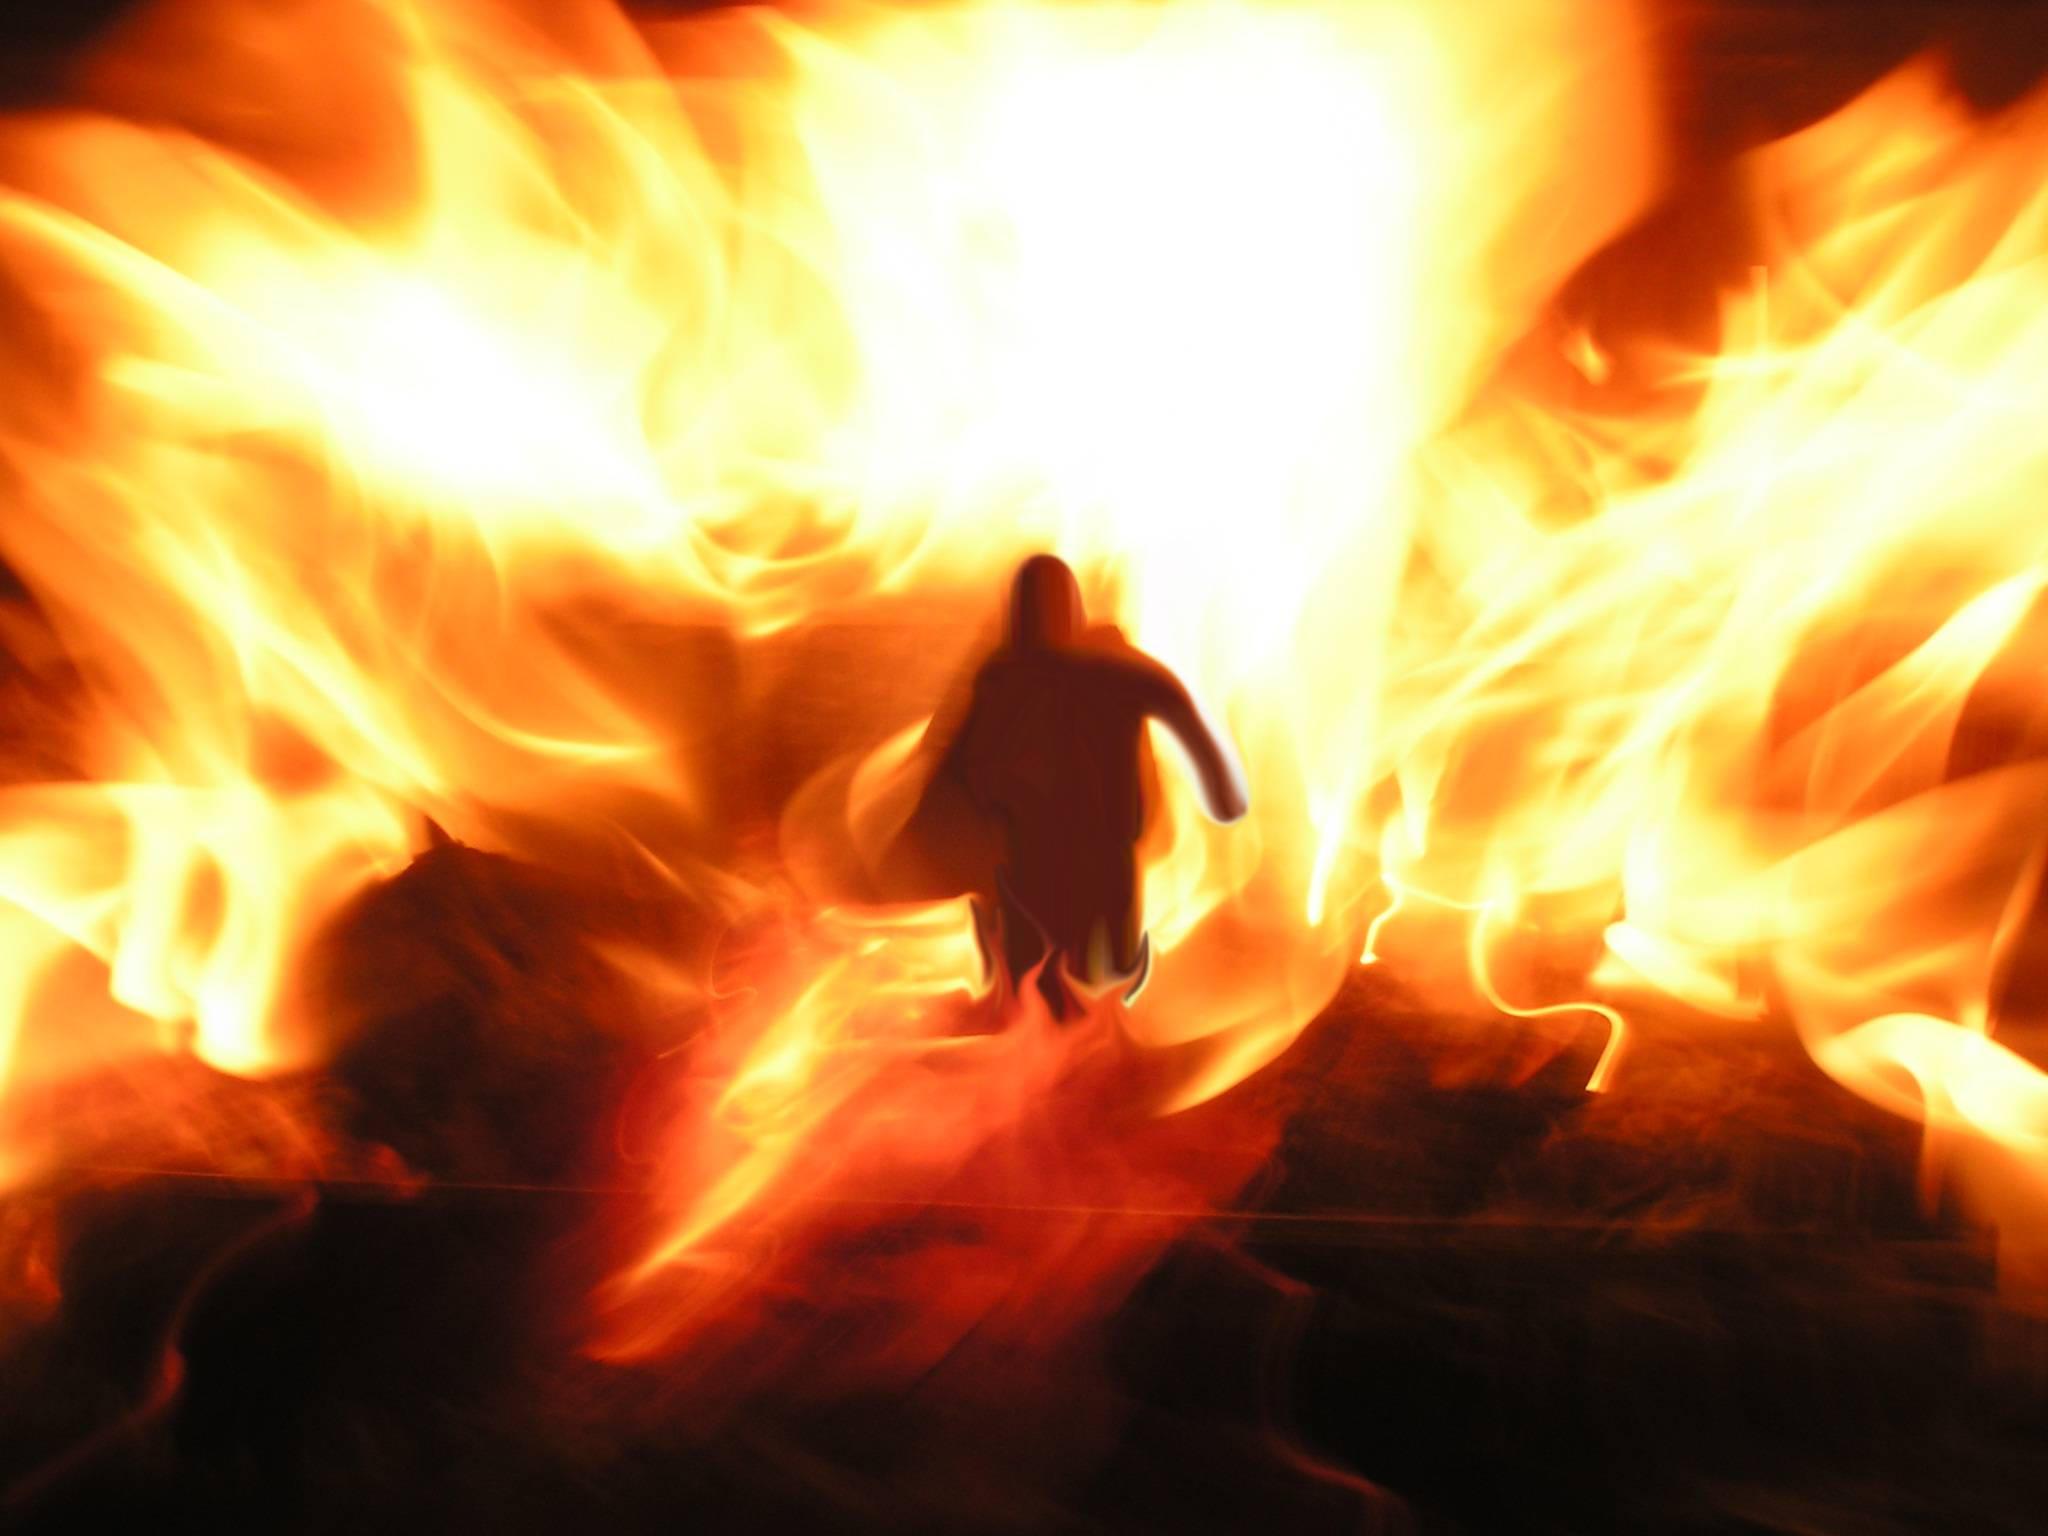 Fire Man by lukeroberts